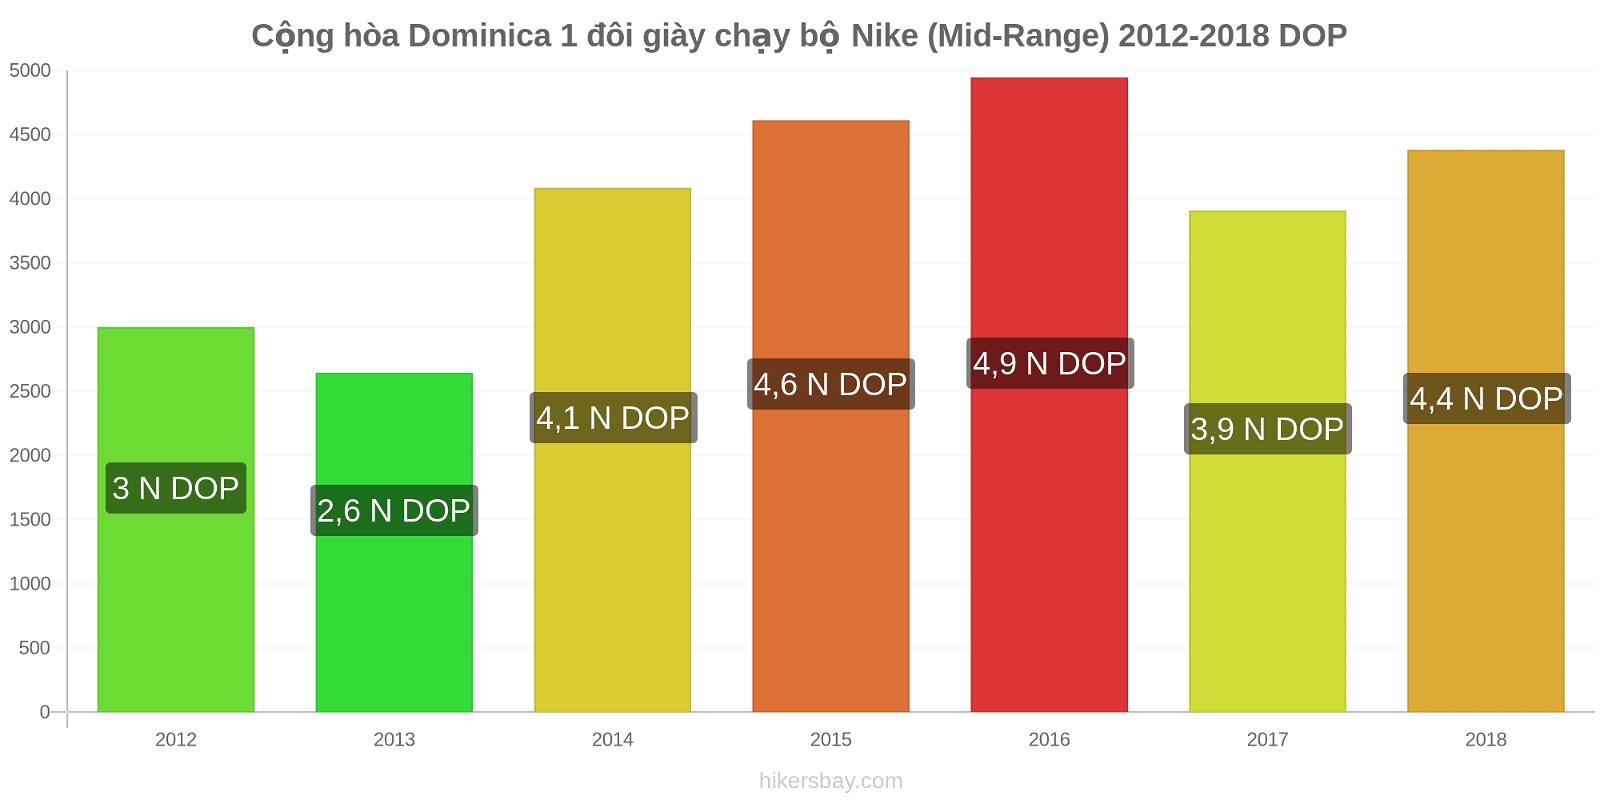 Cộng hòa Dominica thay đổi giá 1 đôi giày chạy bộ Nike (Mid-Range) hikersbay.com